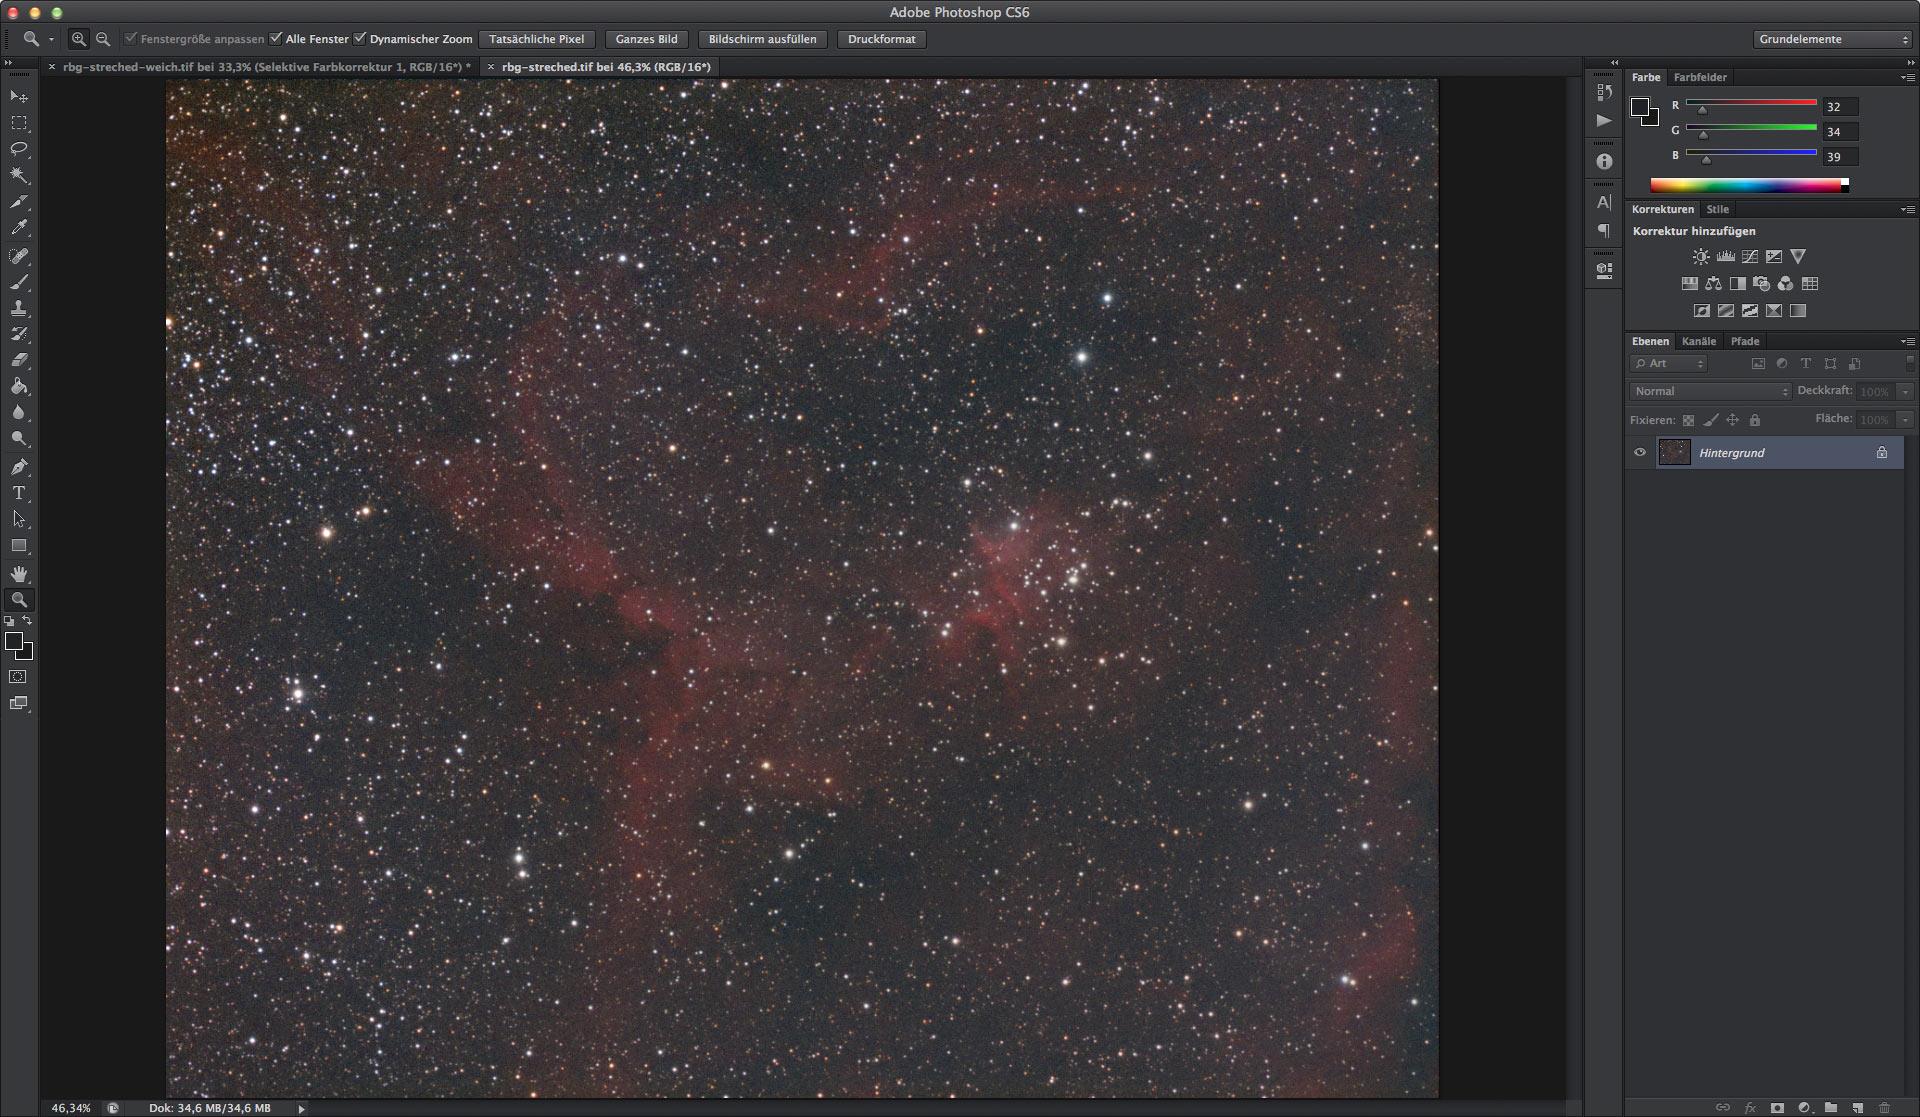 Spaceimages - Astrofotografie von Jens Zippel